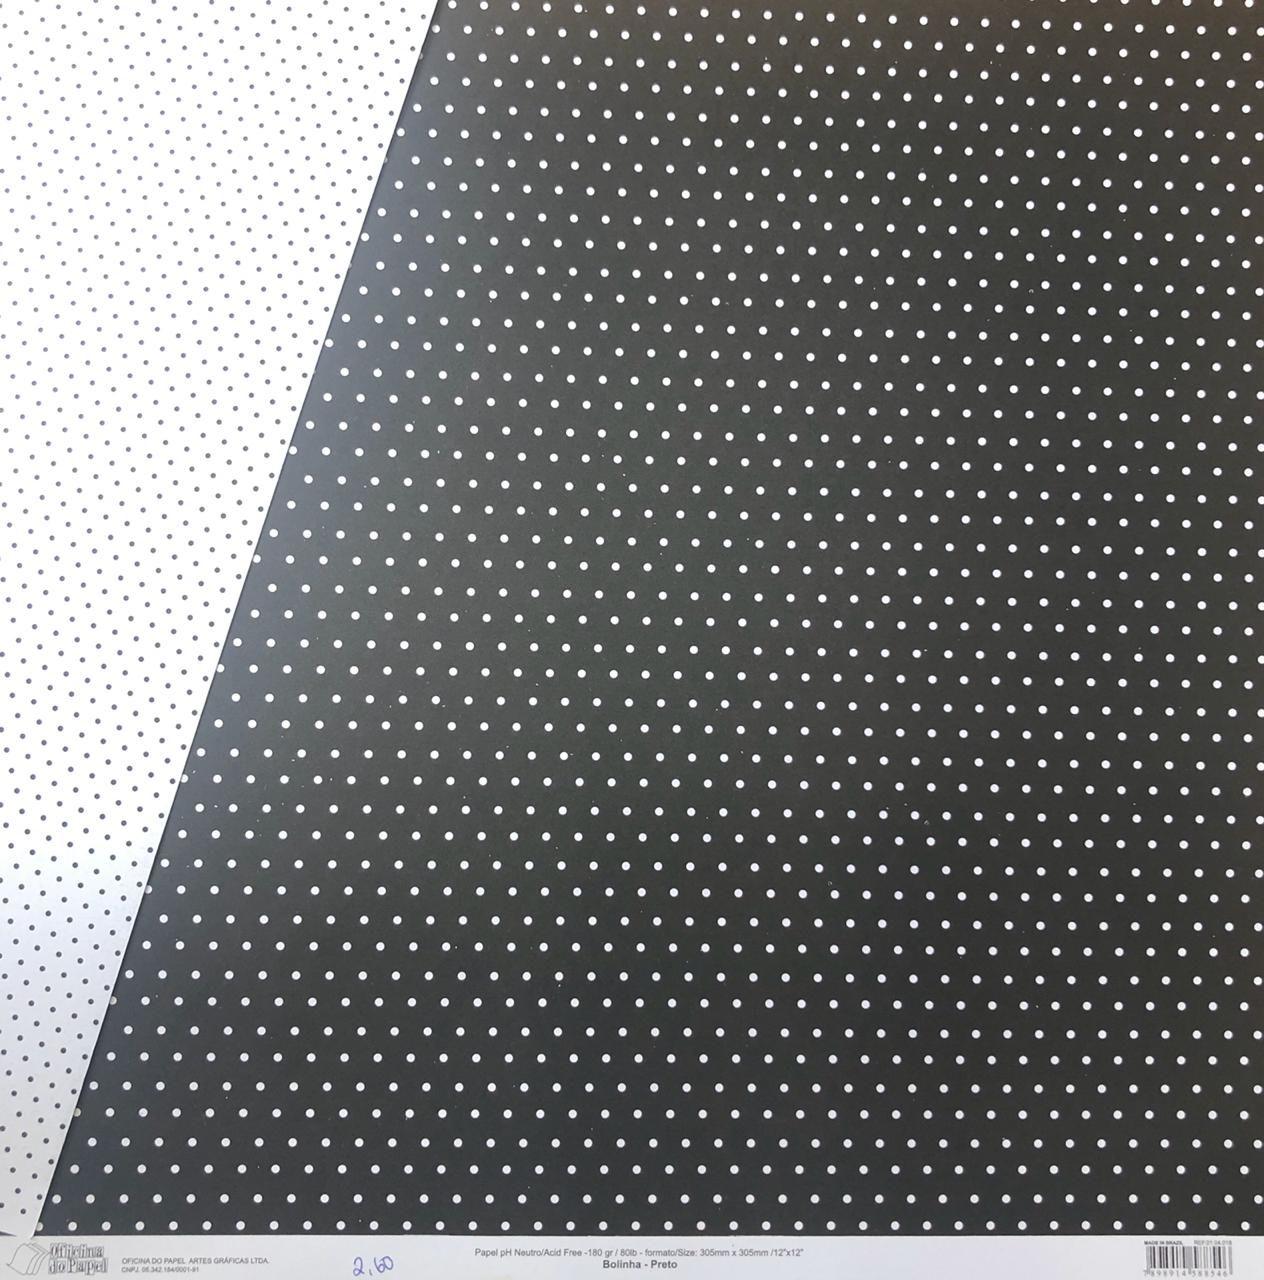 Papel Scrap - Bolinha Preto - Oficina do Papel (0104018)